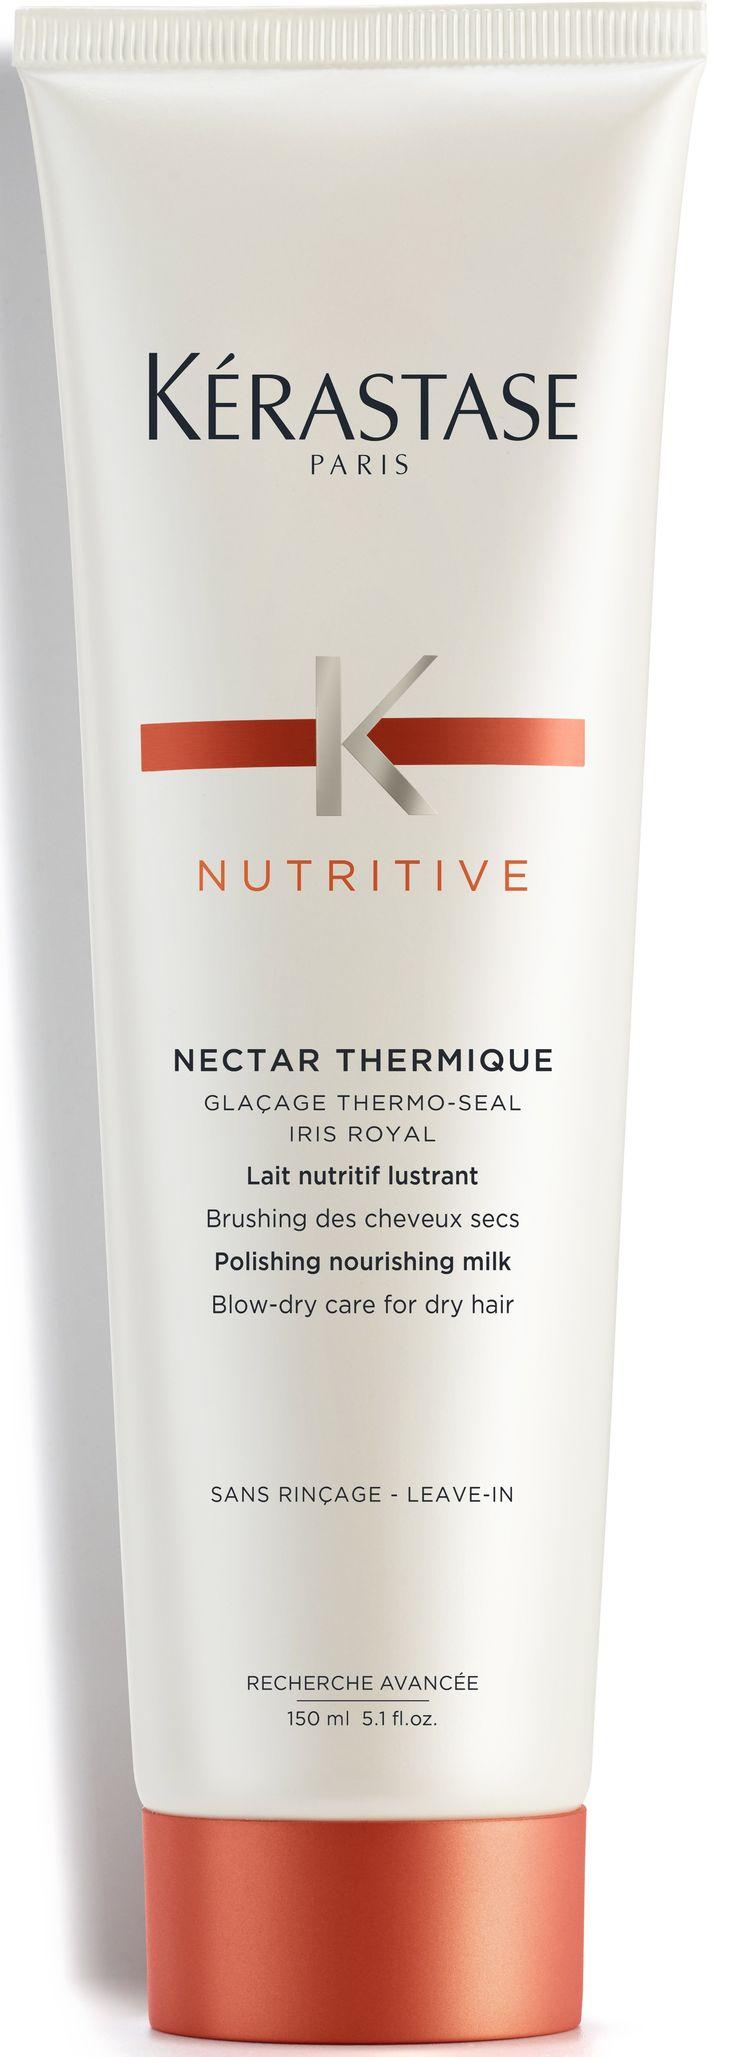 Ger näring och skyddar håret med protein, lipider och kolhydrater. Leave-in-behandling...